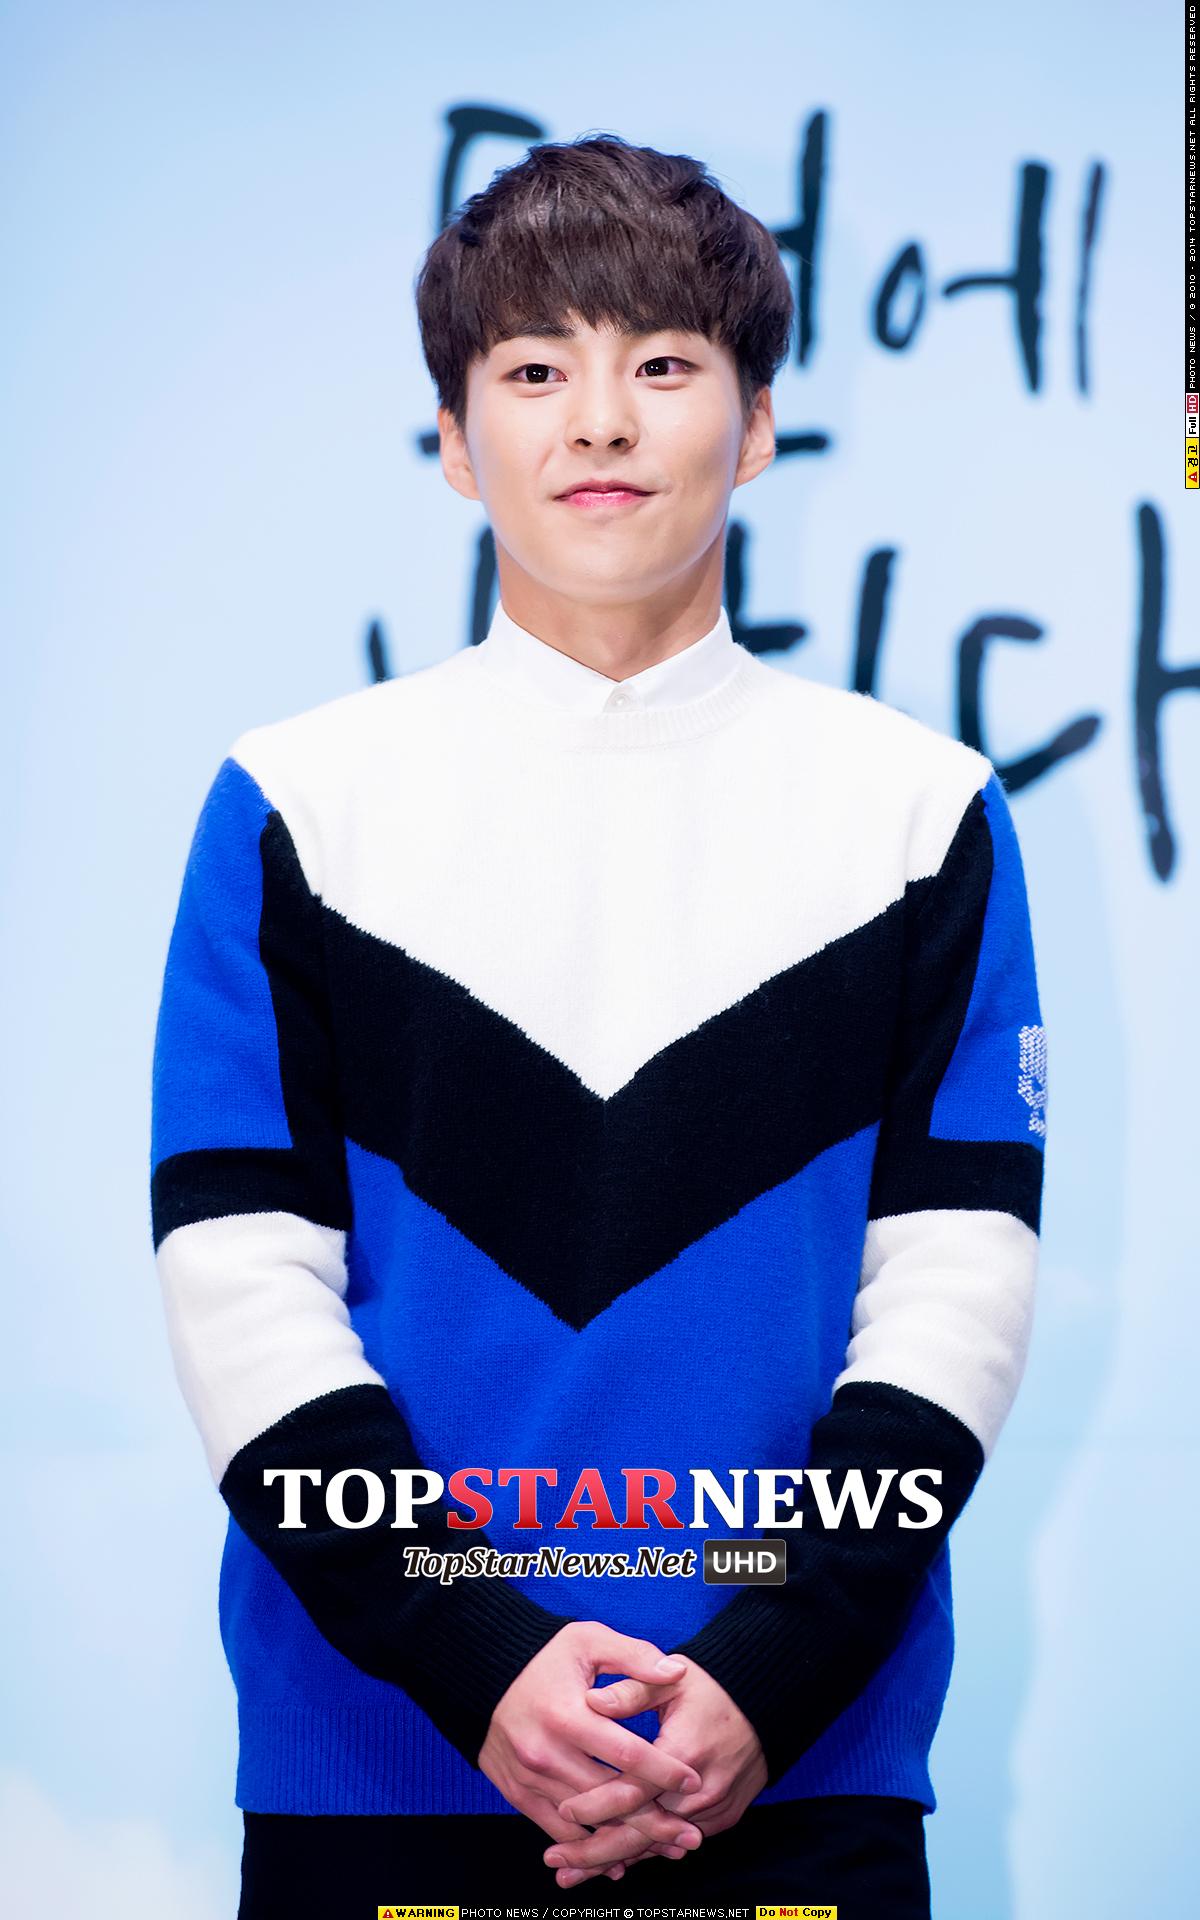 凍齡偶像:XIUMIN 所屬團體:EXO 出生年份:1990 韓國年齡:27